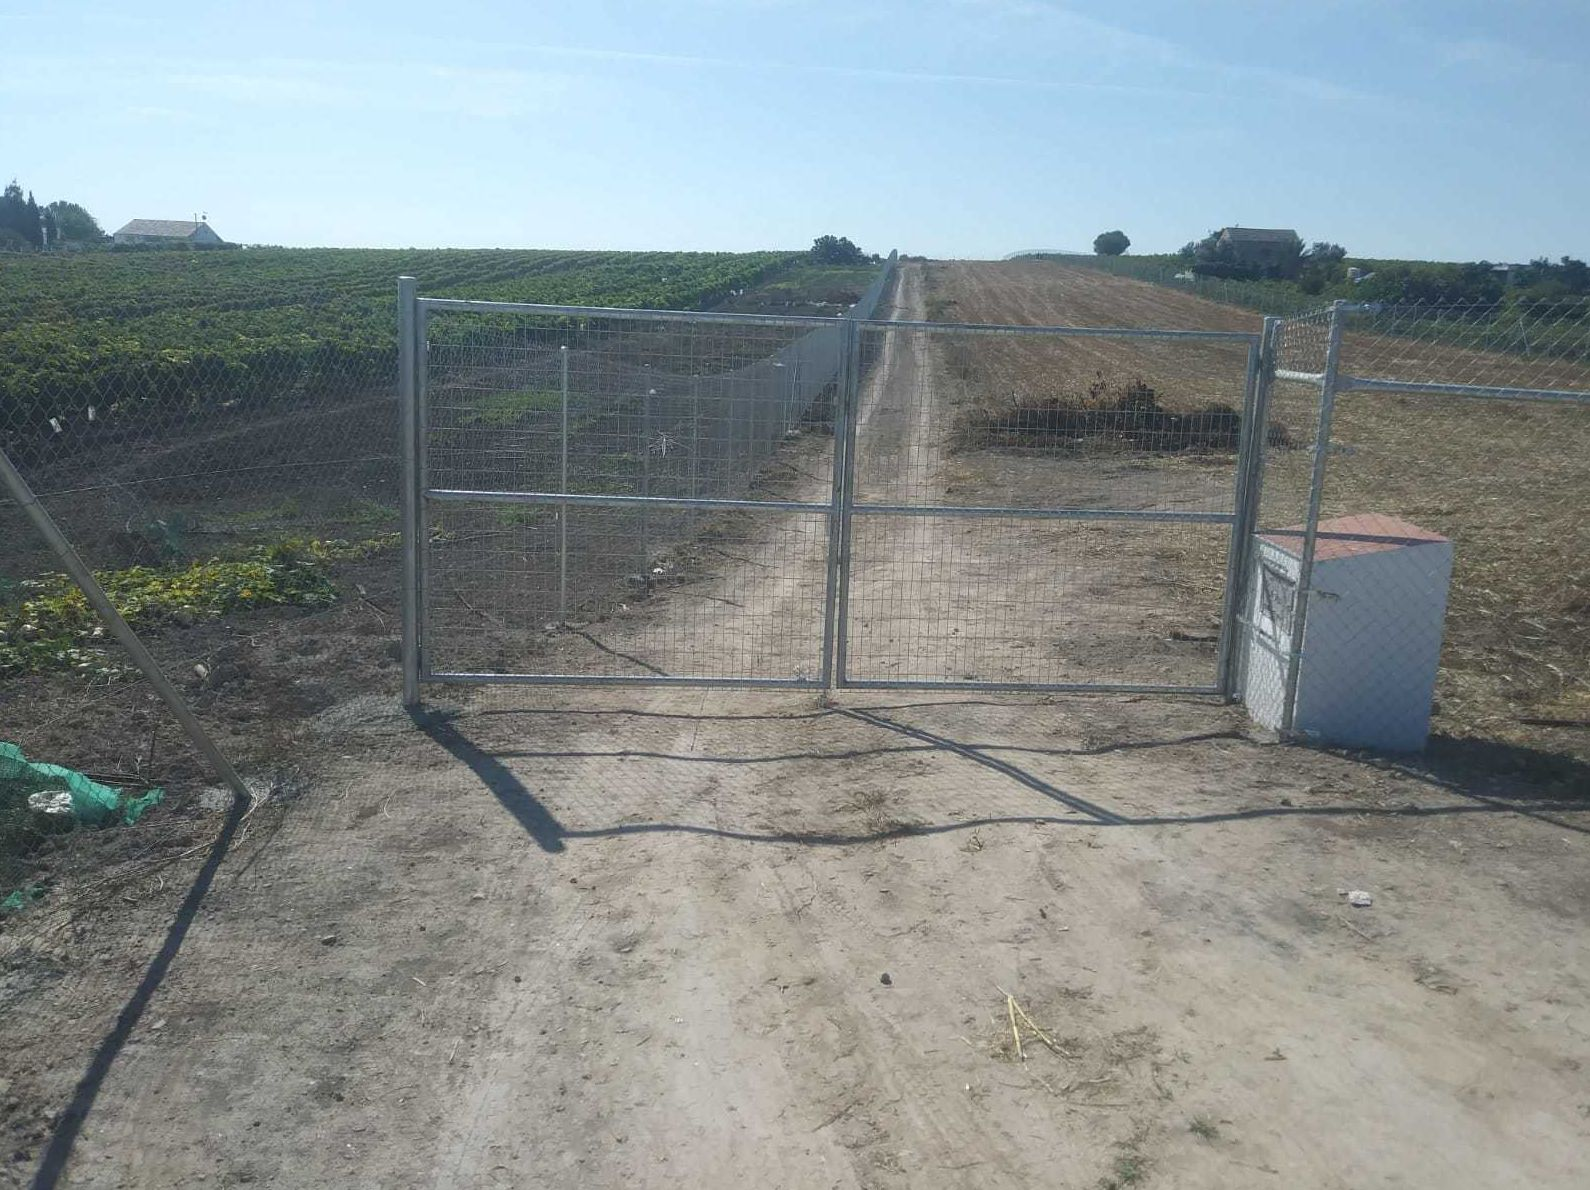 Puertas a acceso a finca de alambrada metálica